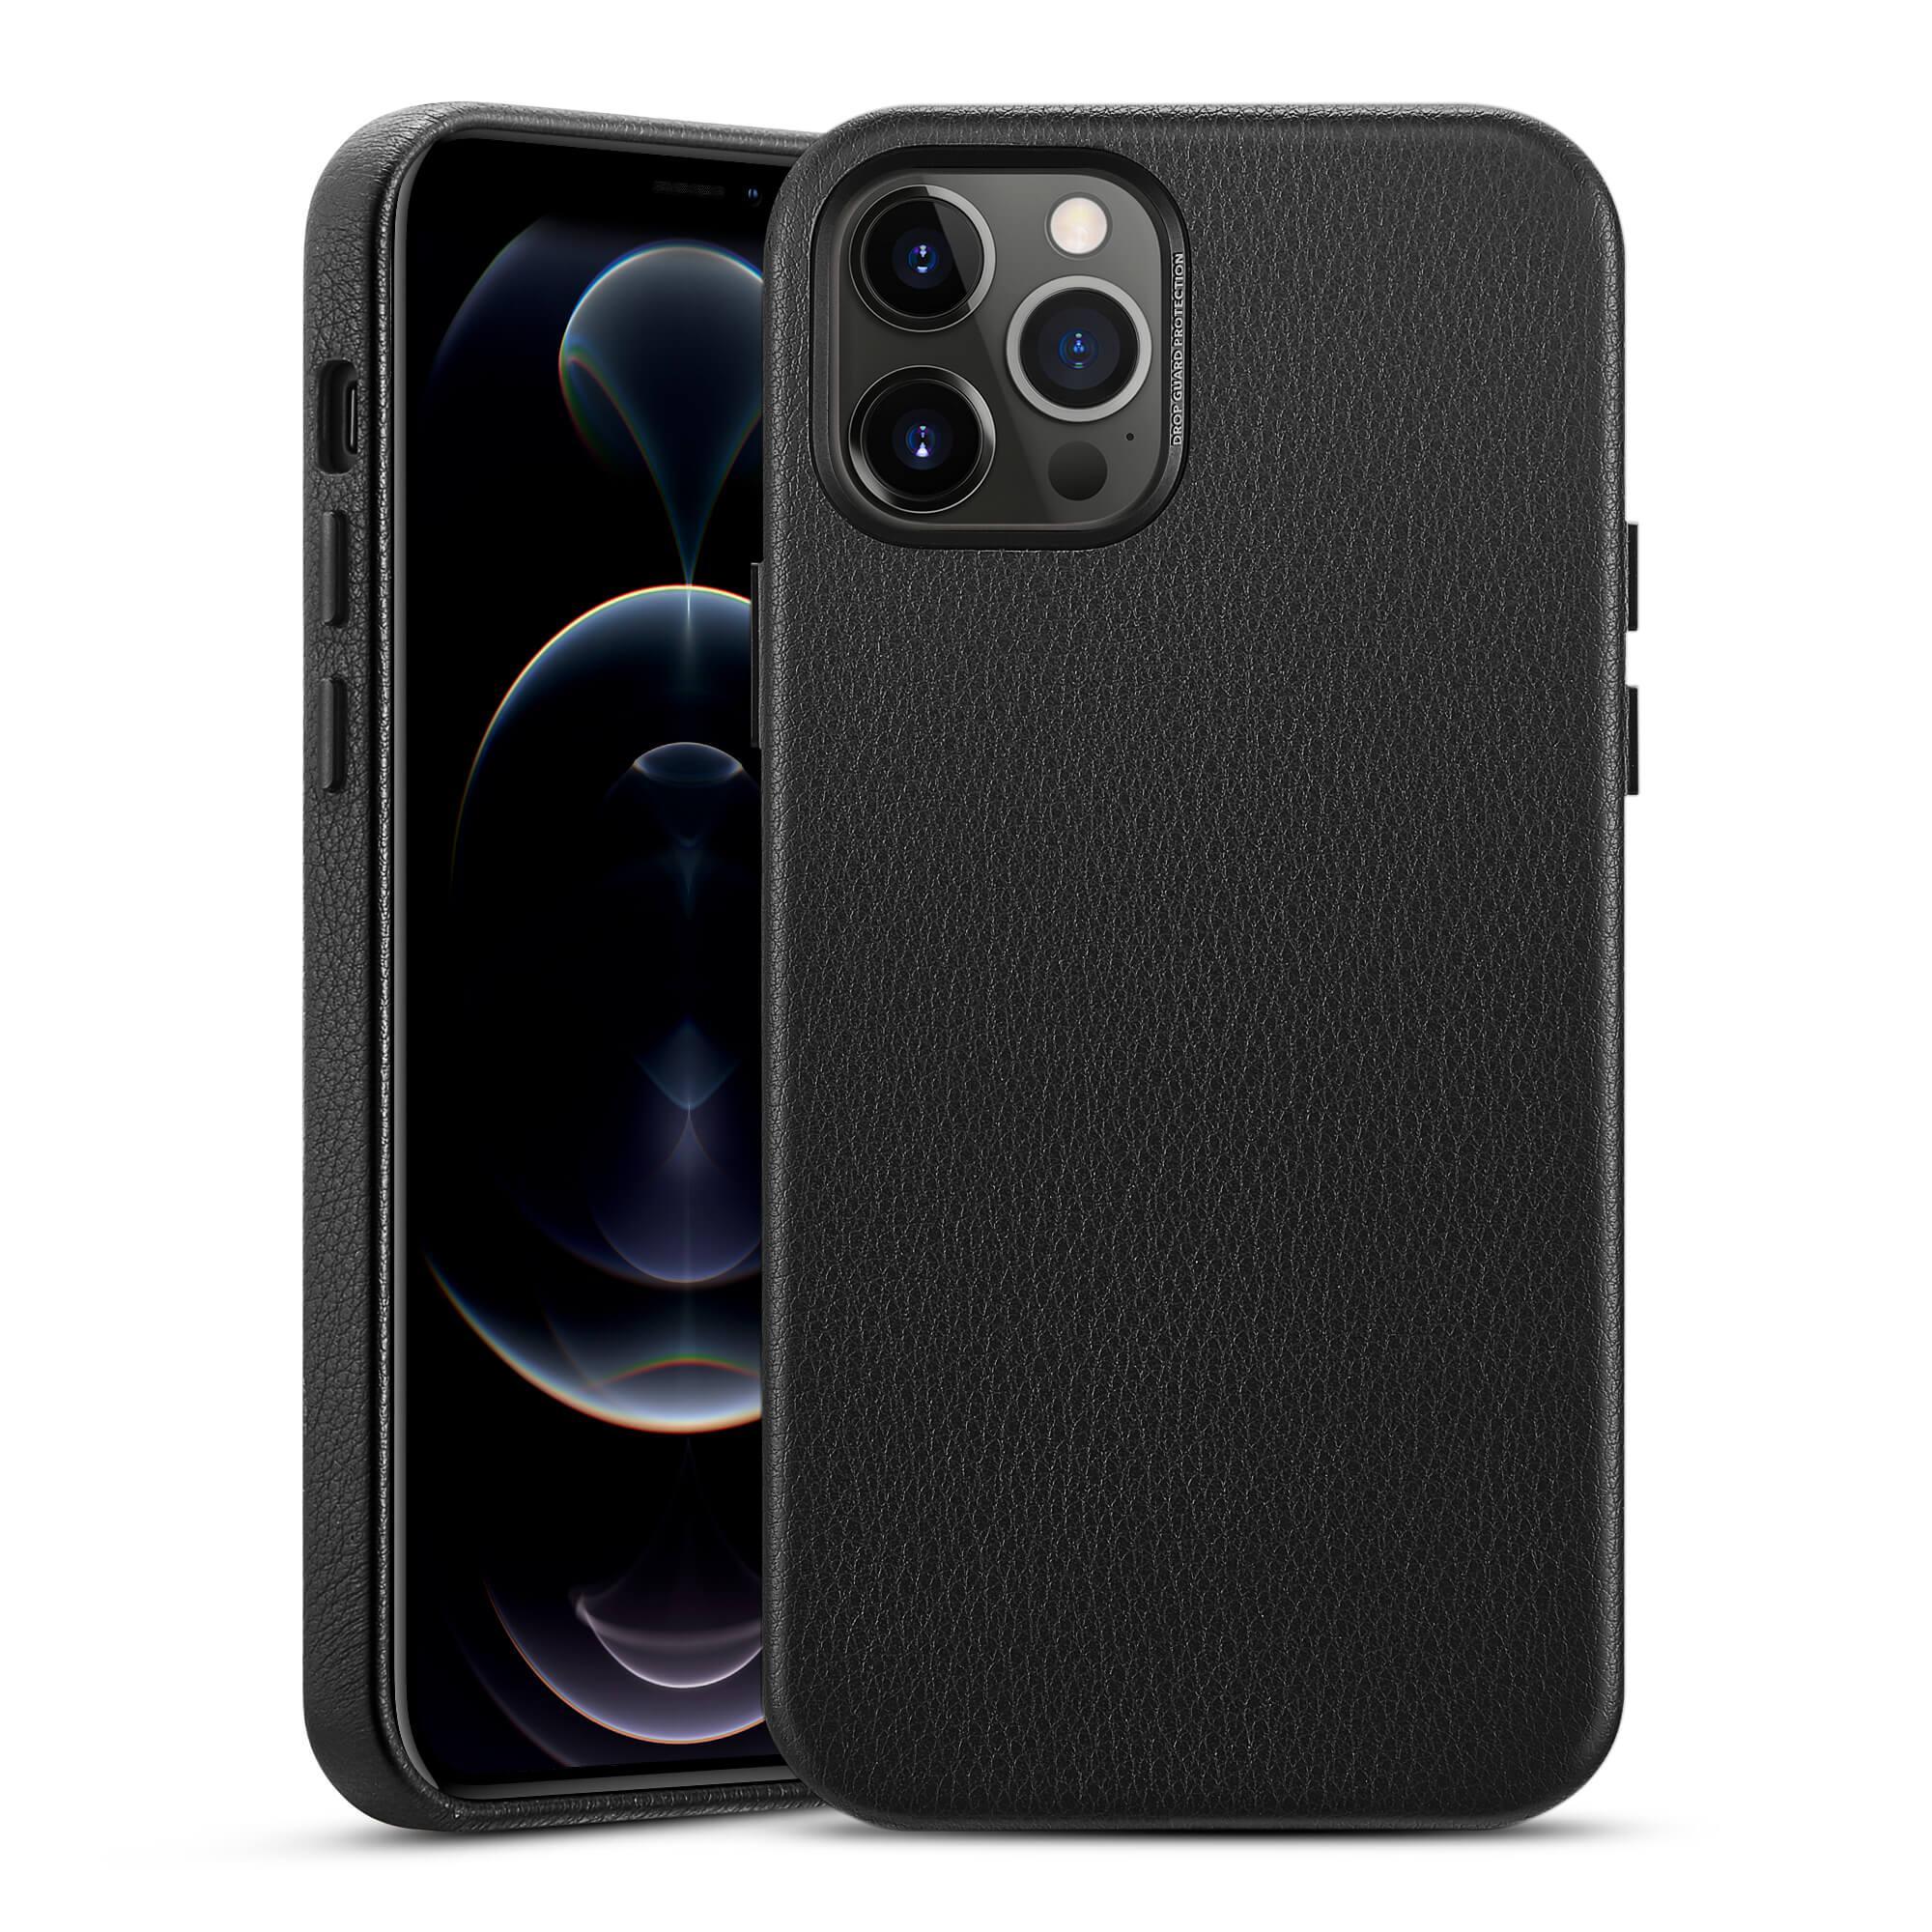 Premium Leather Case iPhone 12 Pro Max Black